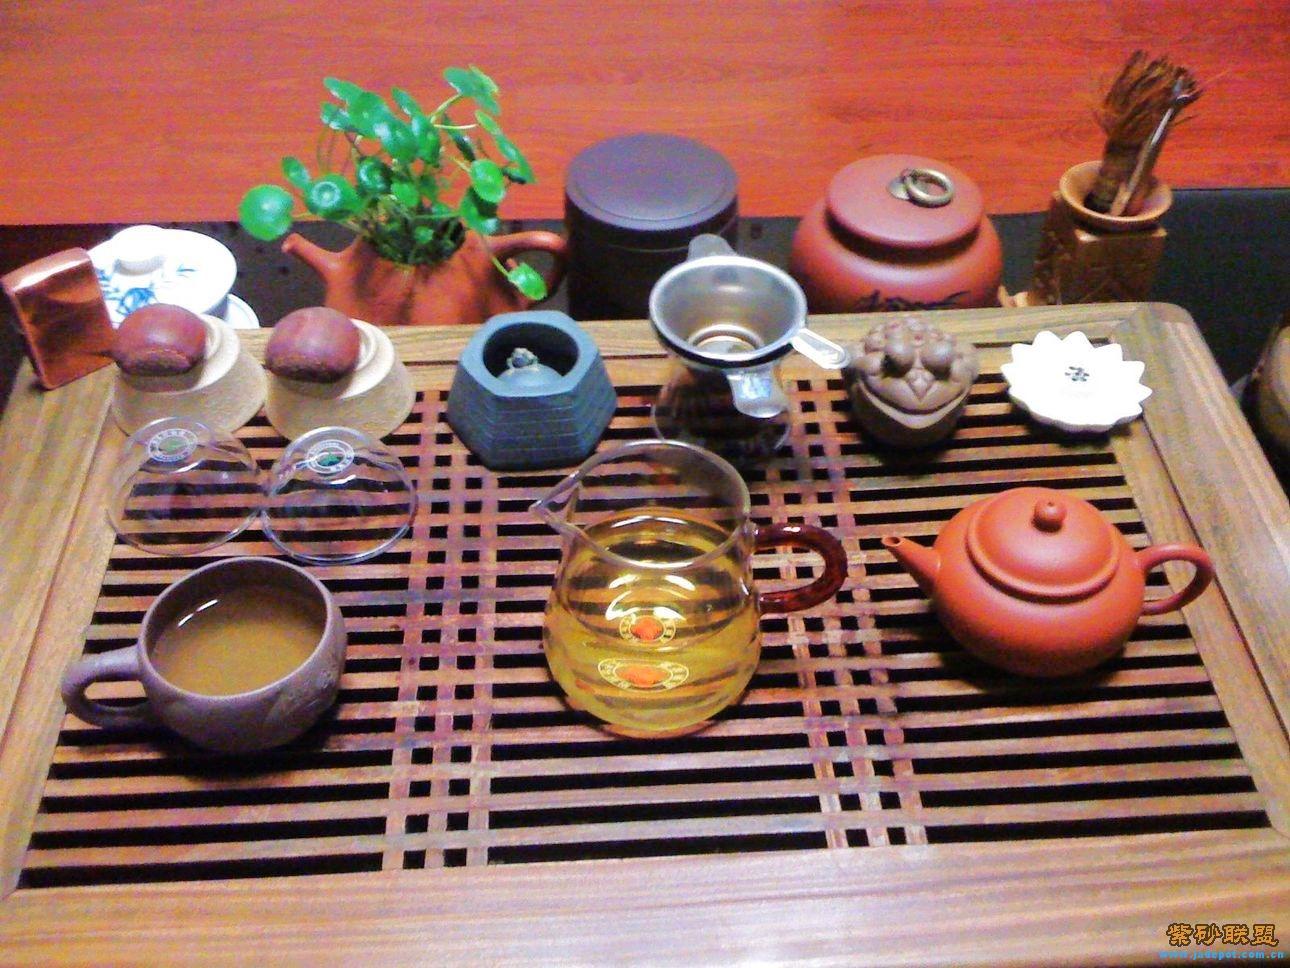 请喝茶图片_喝茶图片,喝茶悠闲图片图片